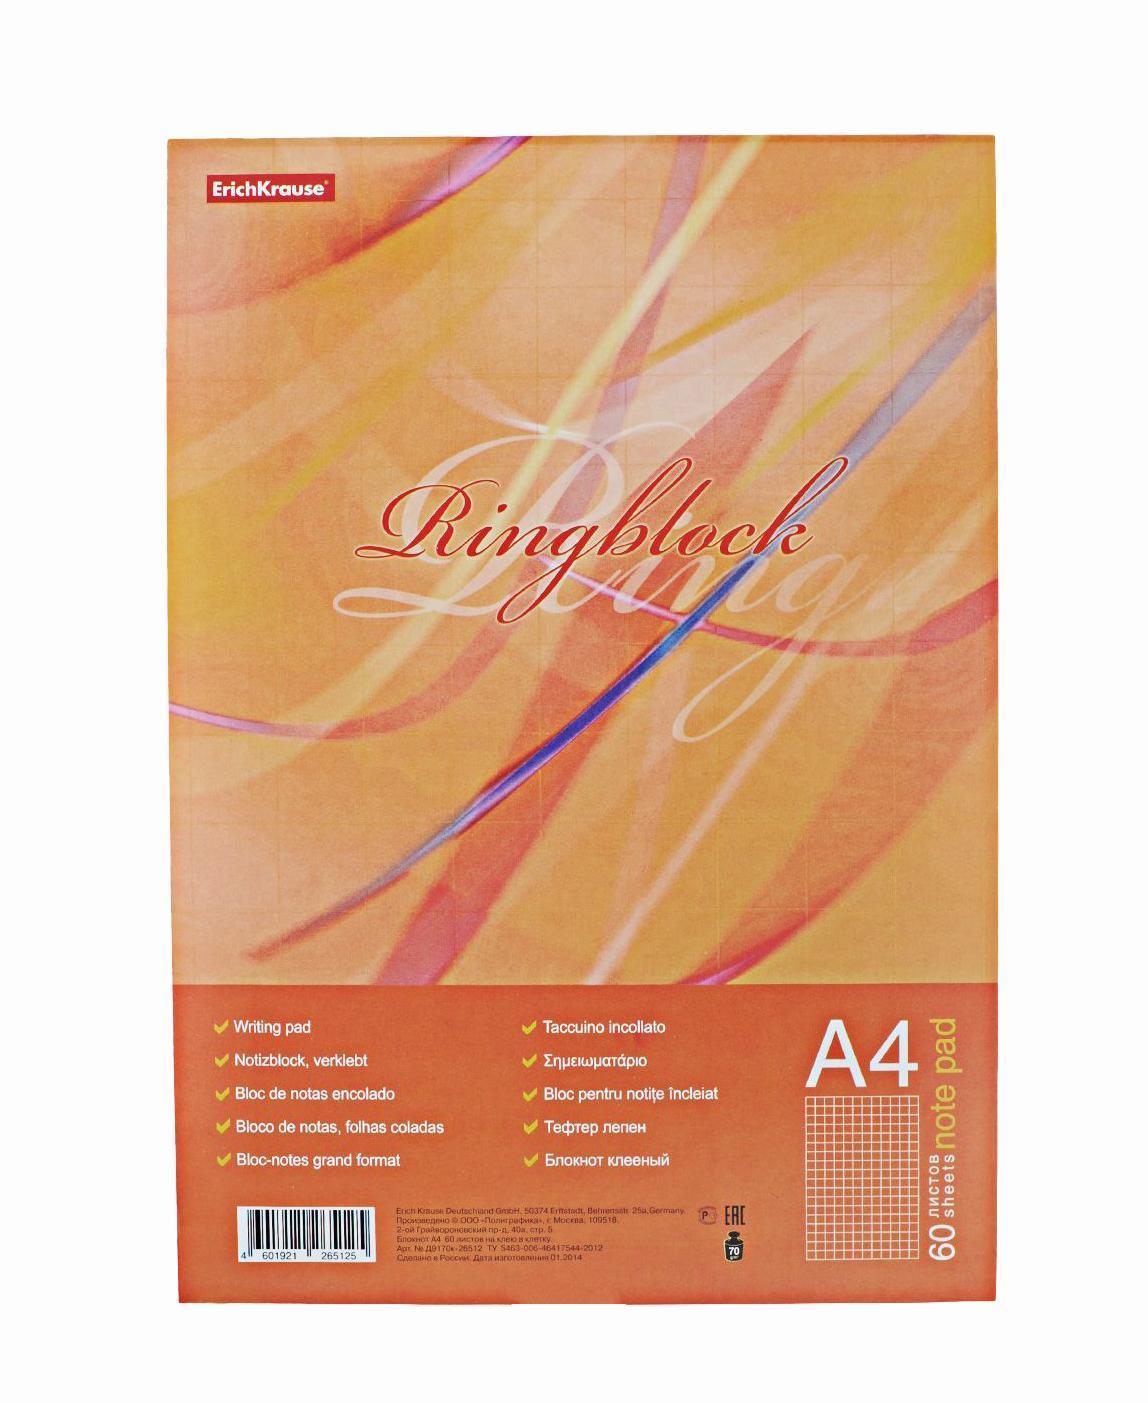 Блокнот Ring Block А4 60,клеевое скрепление,цвет: оранжевый120ББ6B5_08842блокнот Ring Block А4 60, клеевое скрепление, цвет: оранжевый